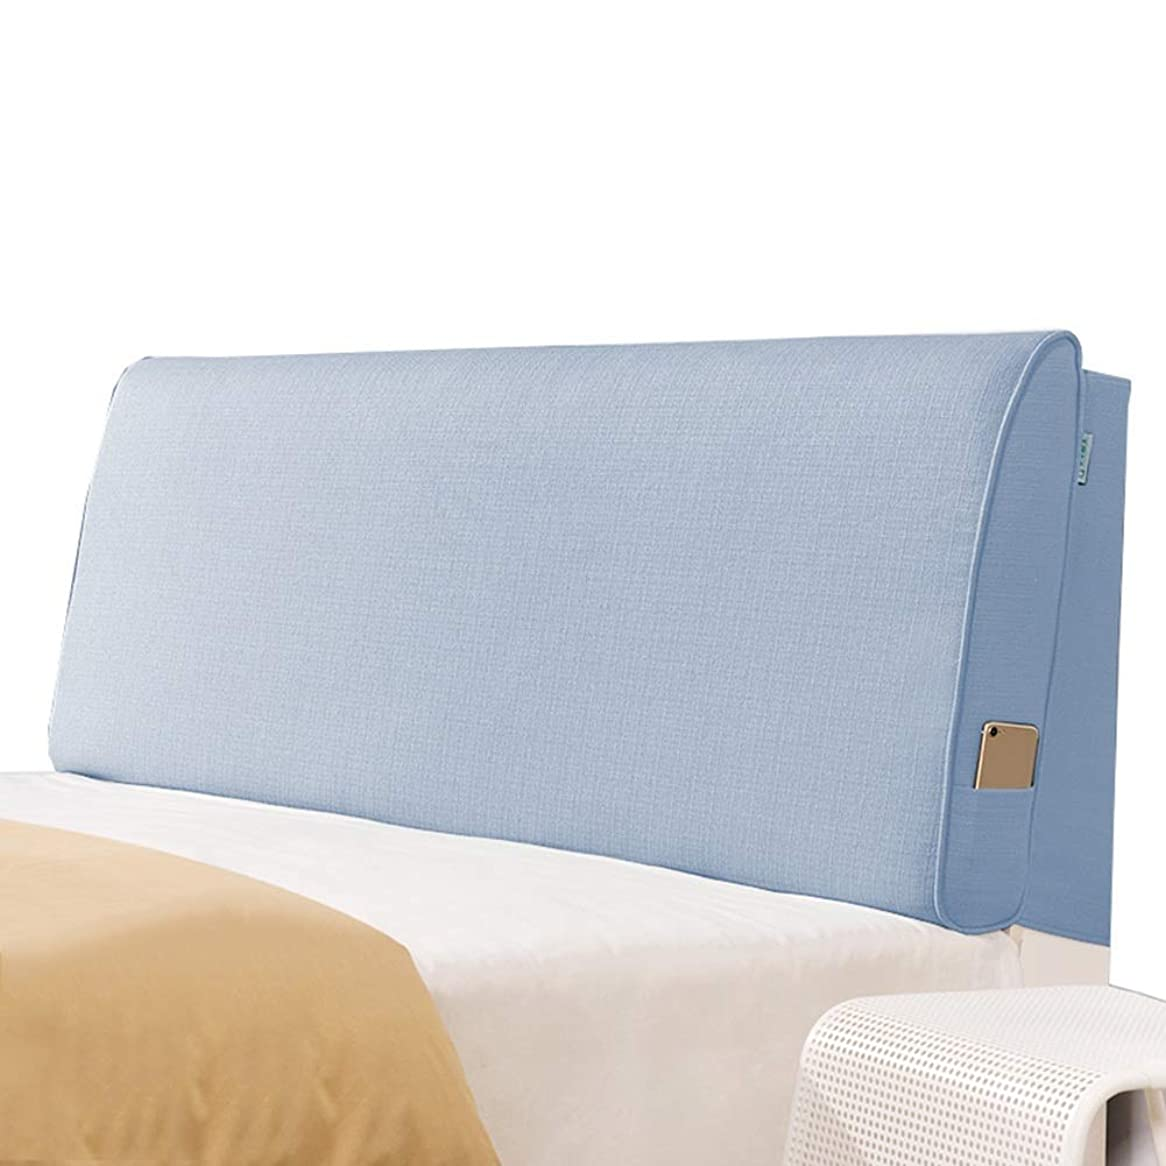 直接耐えられないオプショナルWZBヘッドボードクッション衝突防止枕亜麻通気性快適で快適なウエストをサポート、5サイズ、6色(色:A-Blue、サイズ:150x60x10cm)